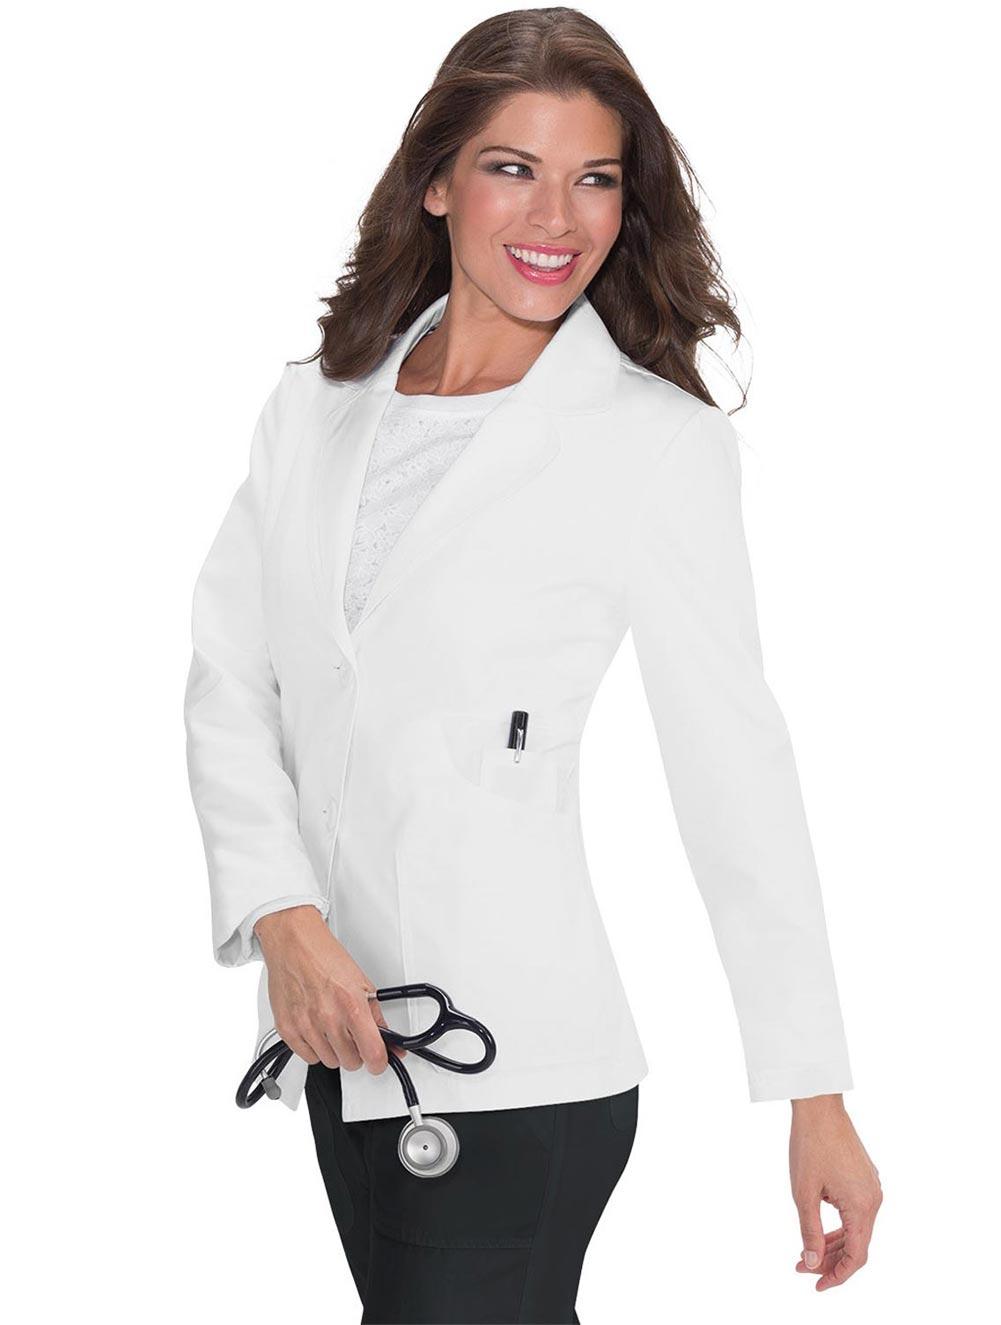 'Macie' Lab Coat